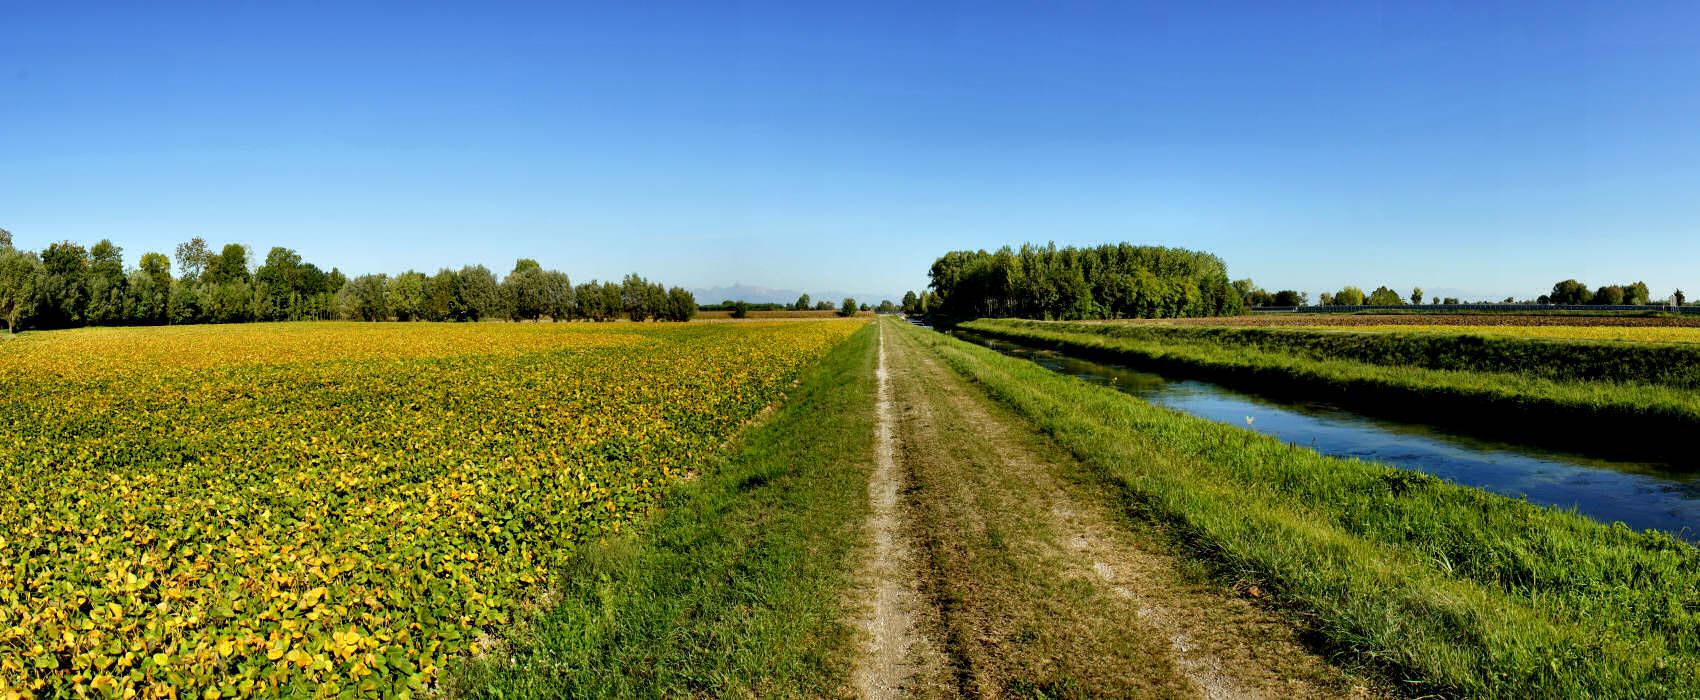 L'#agricoltura arranca e serve un #rinnovamento dalle fondamenta. Chi fa la prima mossa?